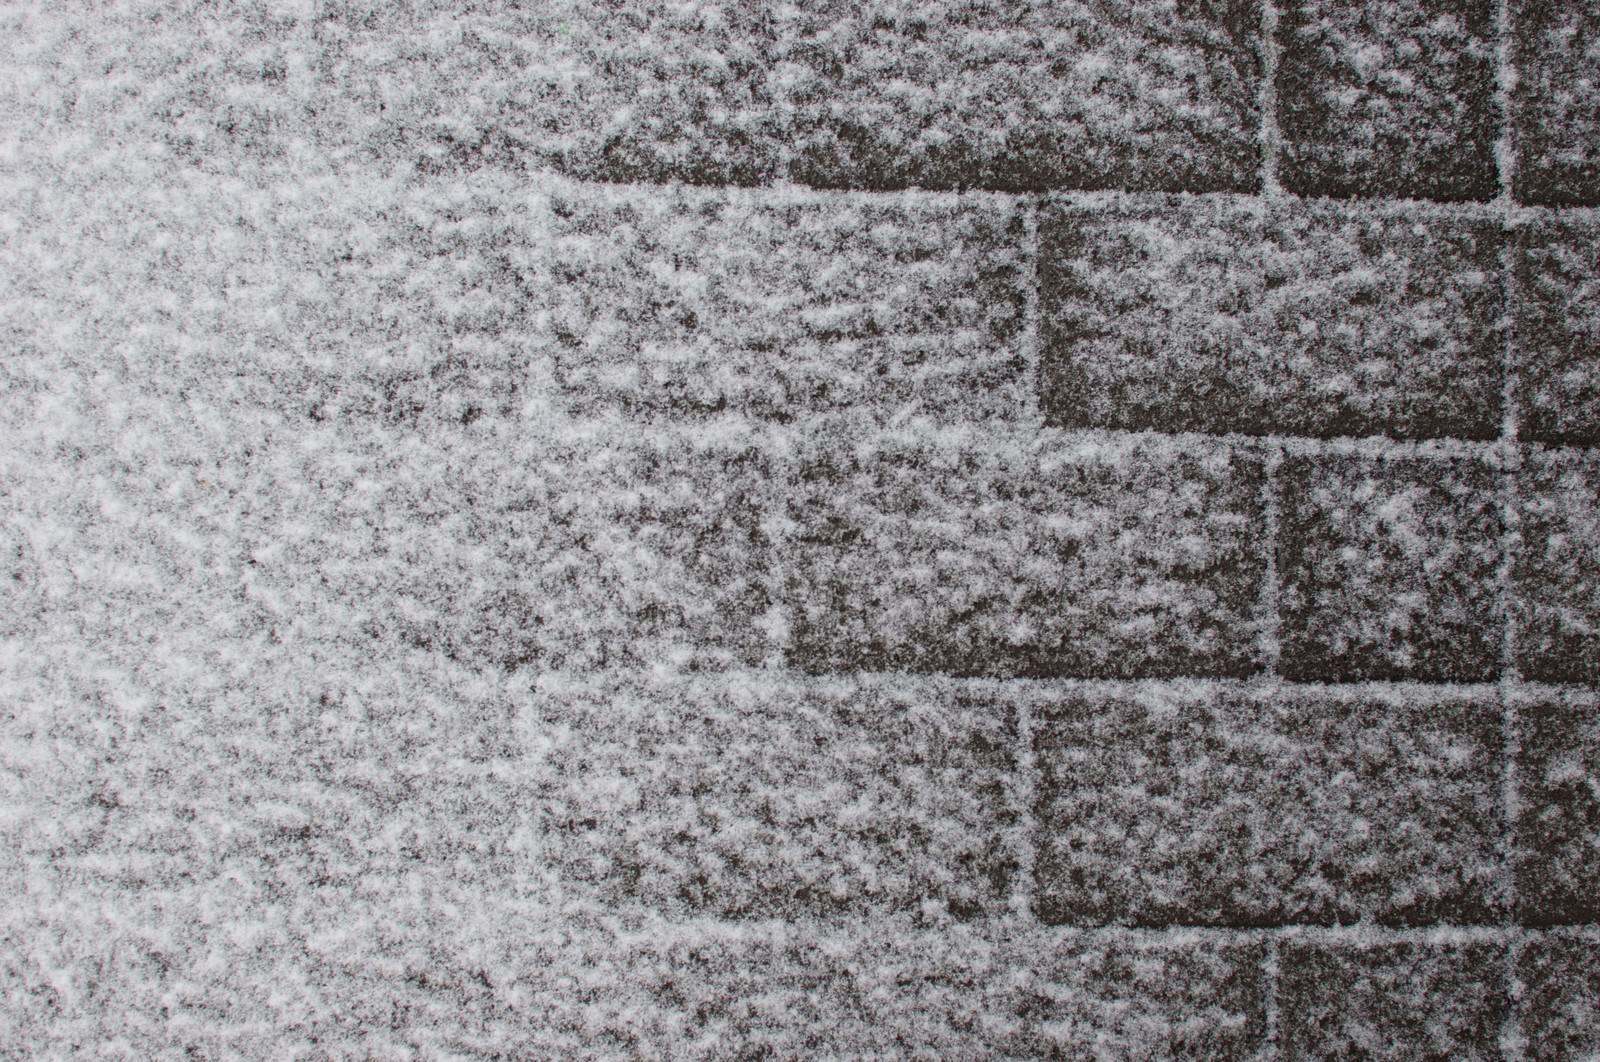 「インターロッキングと雪」の写真